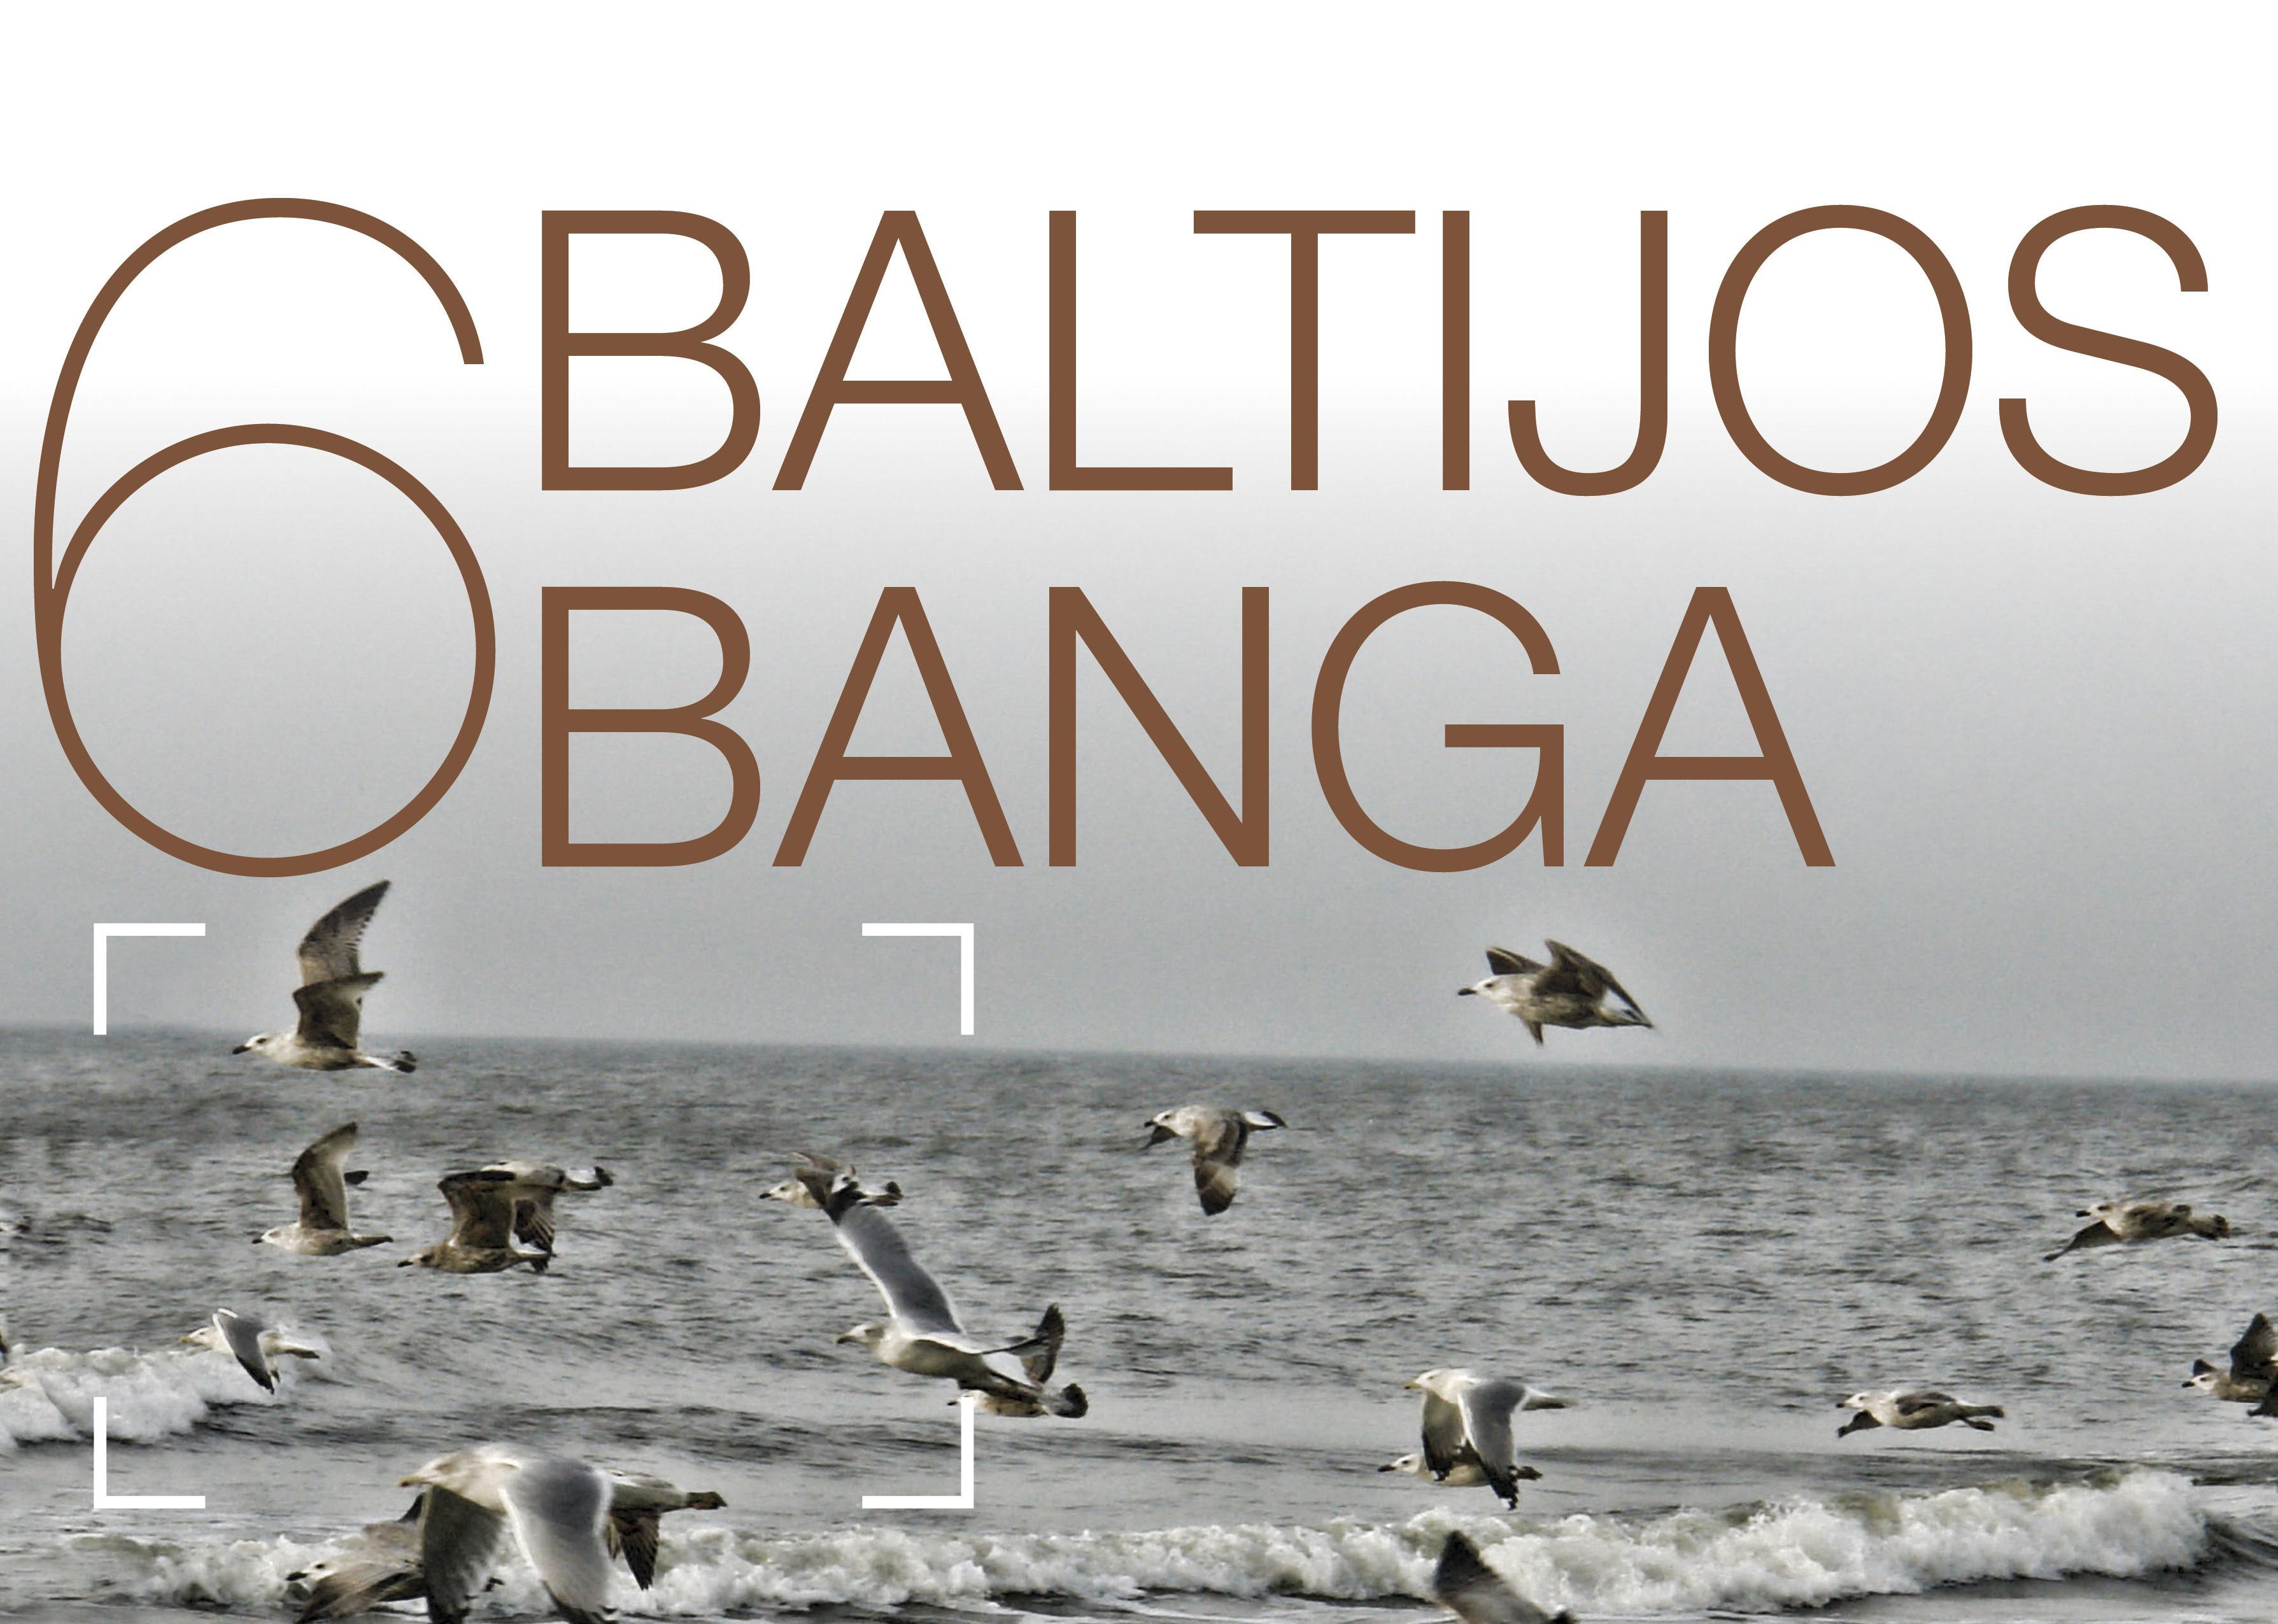 Baltijos banga 2014